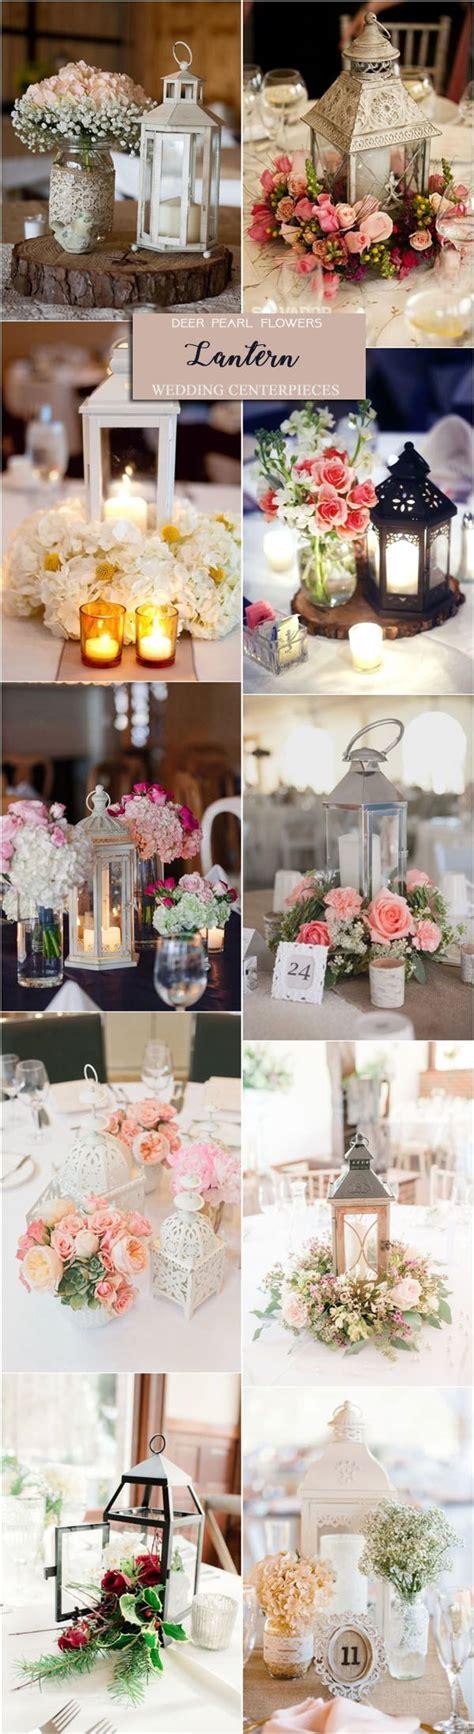 vintage lantern centerpieces best 25 lantern wedding centerpieces ideas only on